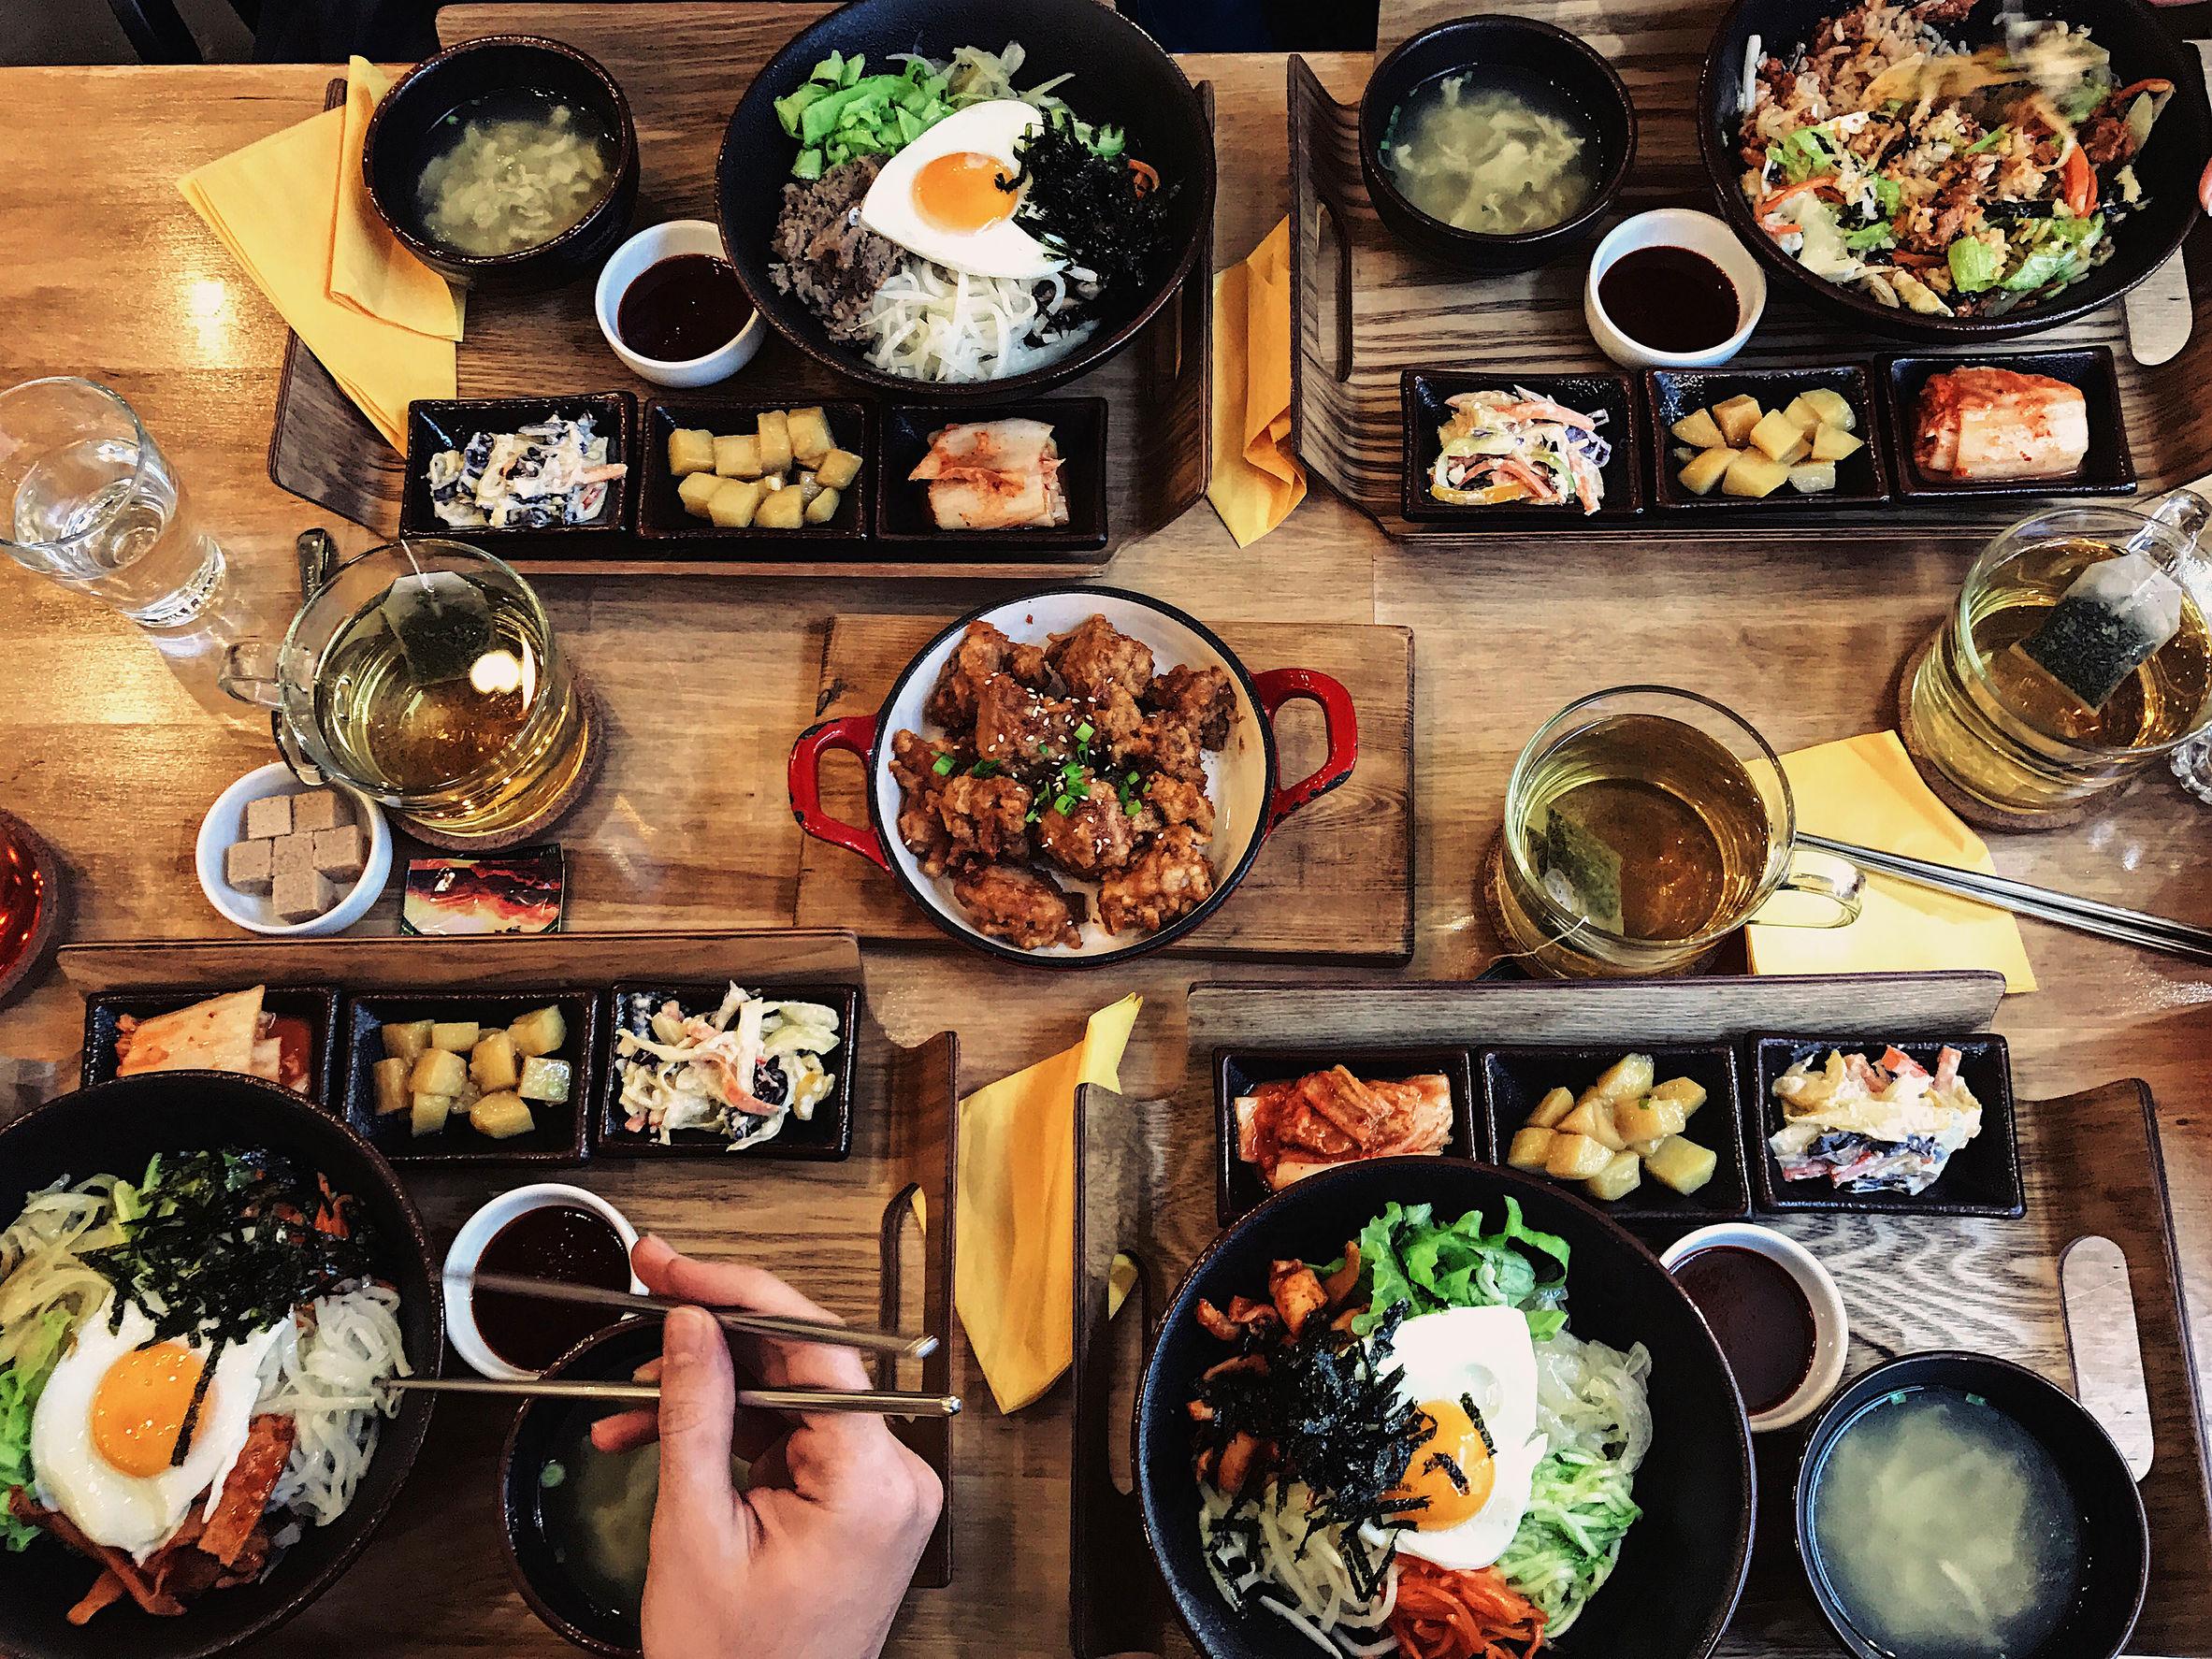 해외에서 '한식 다이어트'가 뜬다...왜?